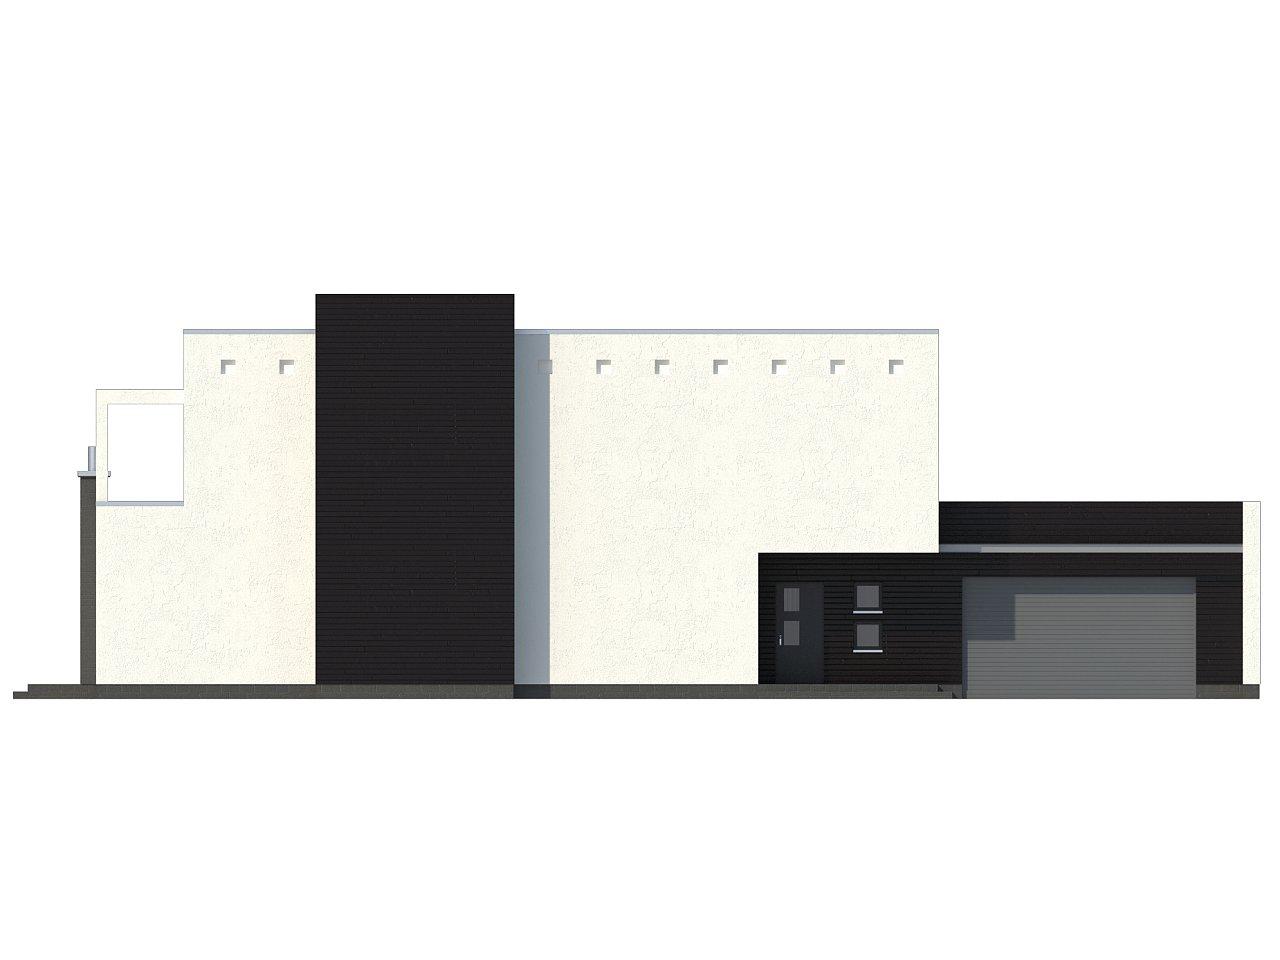 Современный дом кубической формы с террасой над гаражом. - фото 6